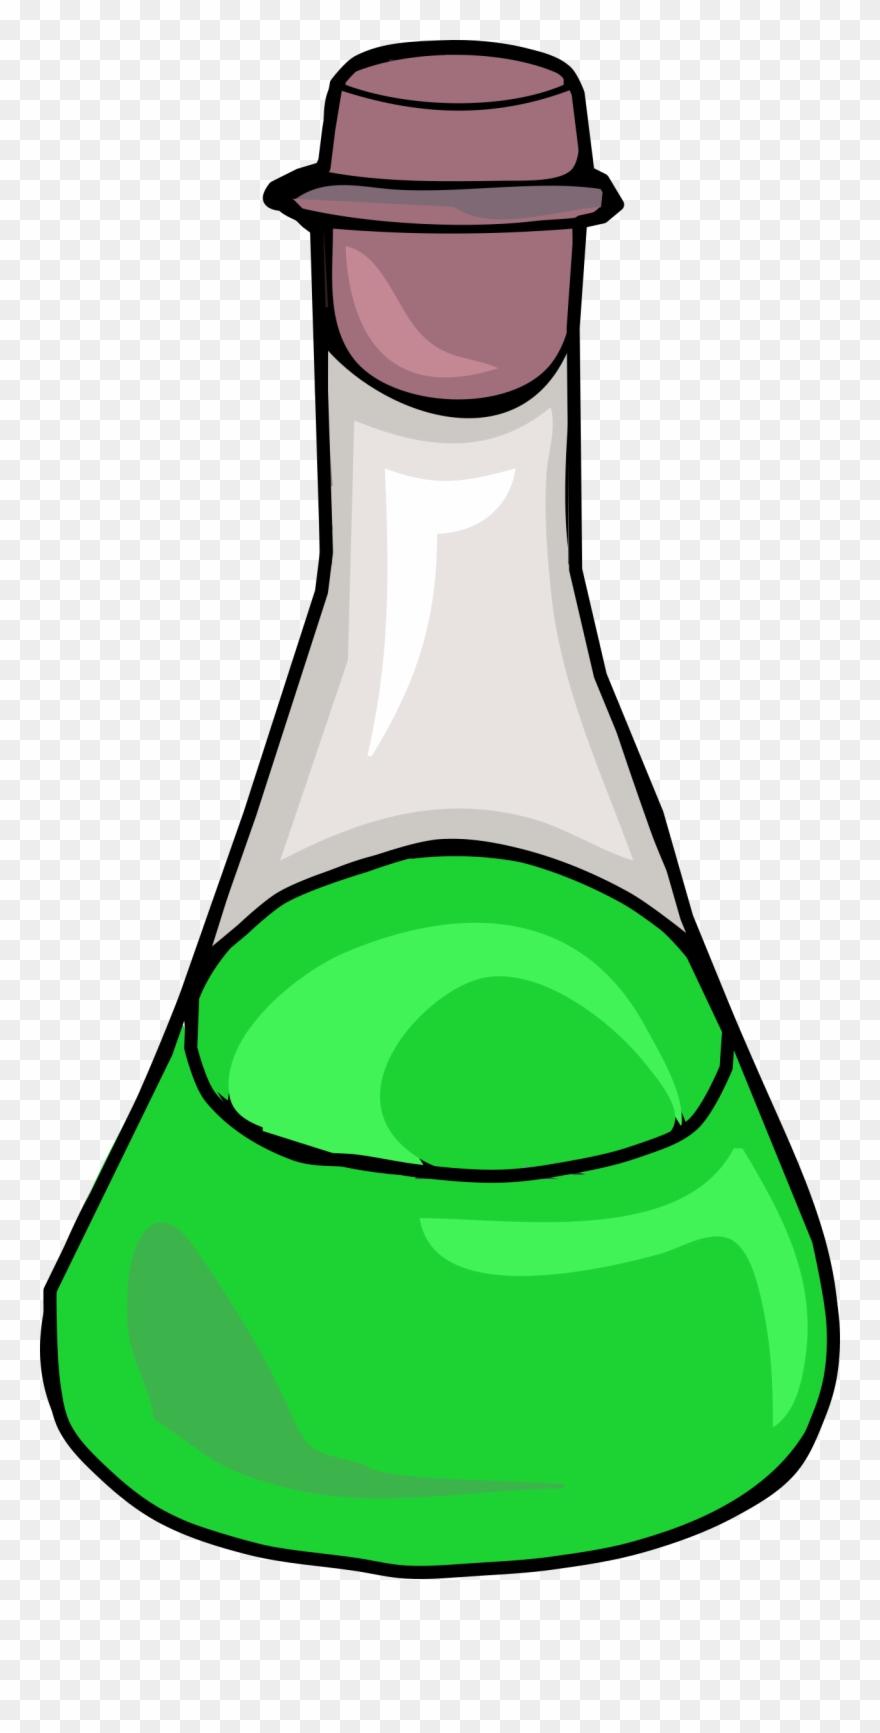 Science bottles clipart svg transparent Green Bottle Big Image Png - Science Bottle Clipart (#865352 ... svg transparent